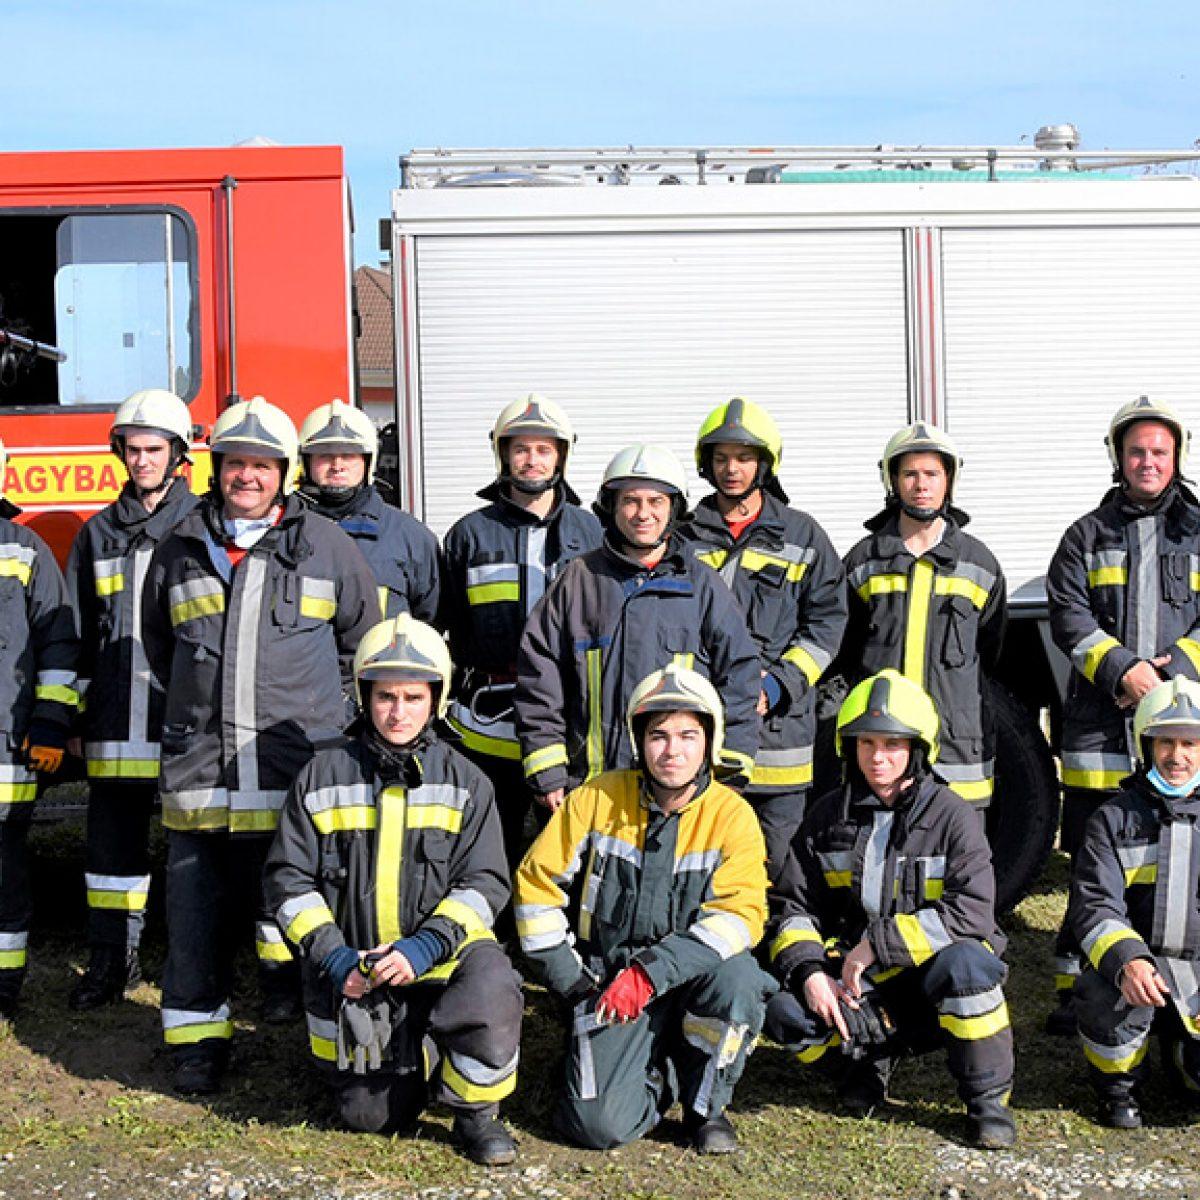 Nagybajomi Önkéntes Tűzoltó Egyesület